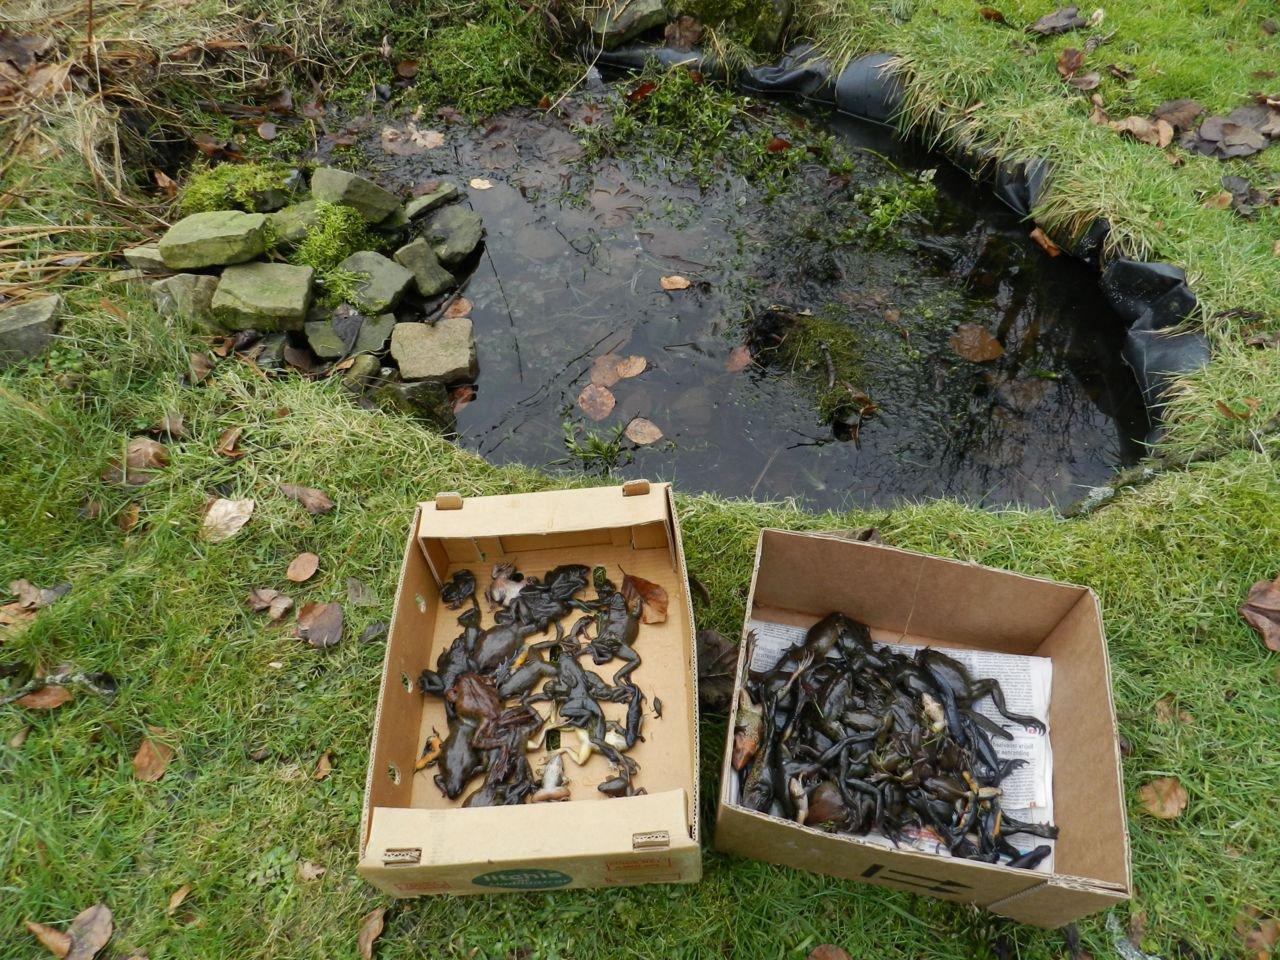 Dooi brengt dode bruine kikkers aan de oppervlakte for Kleine tuinvijver